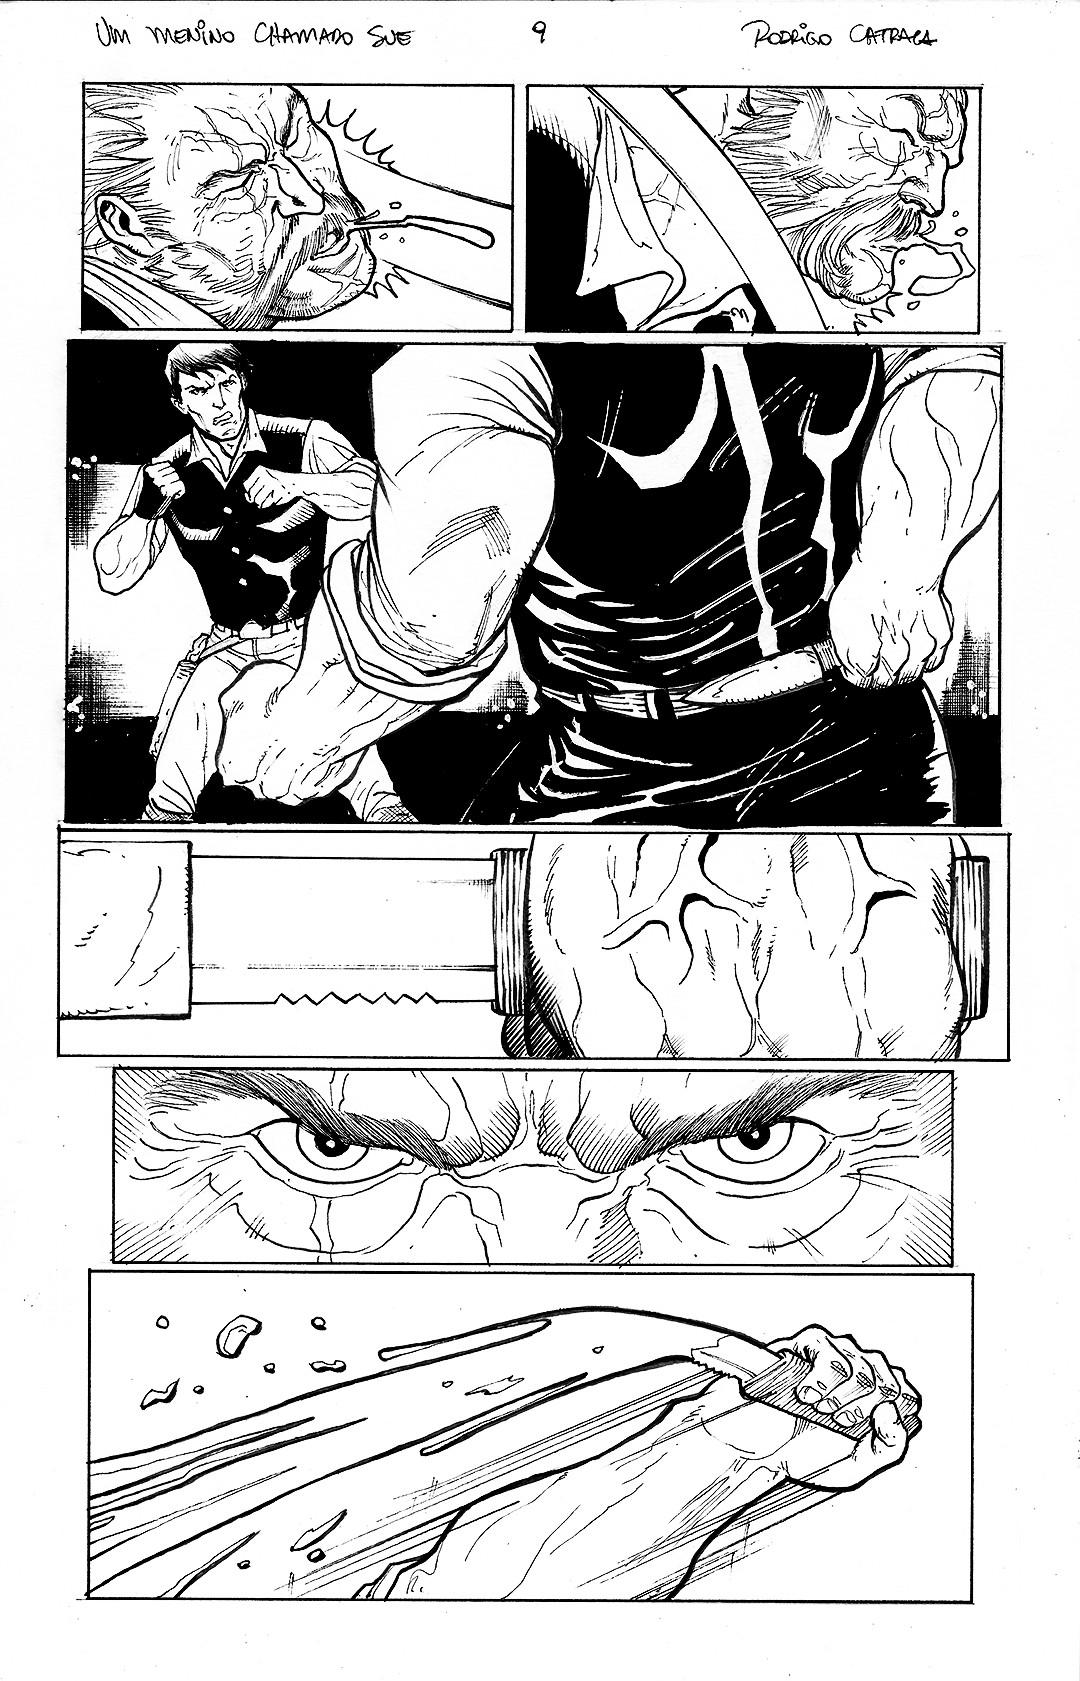 Rodrigo catraca sue pg 9